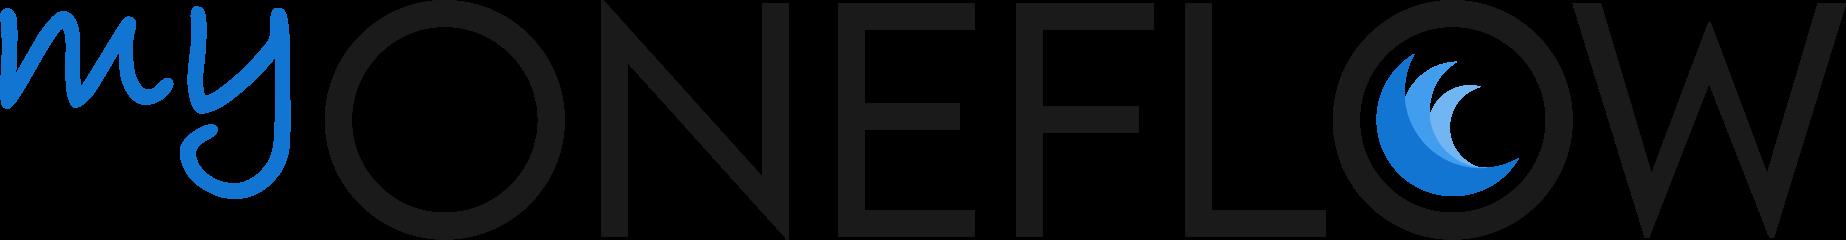 myOneFlow_logo--color-dark@2x